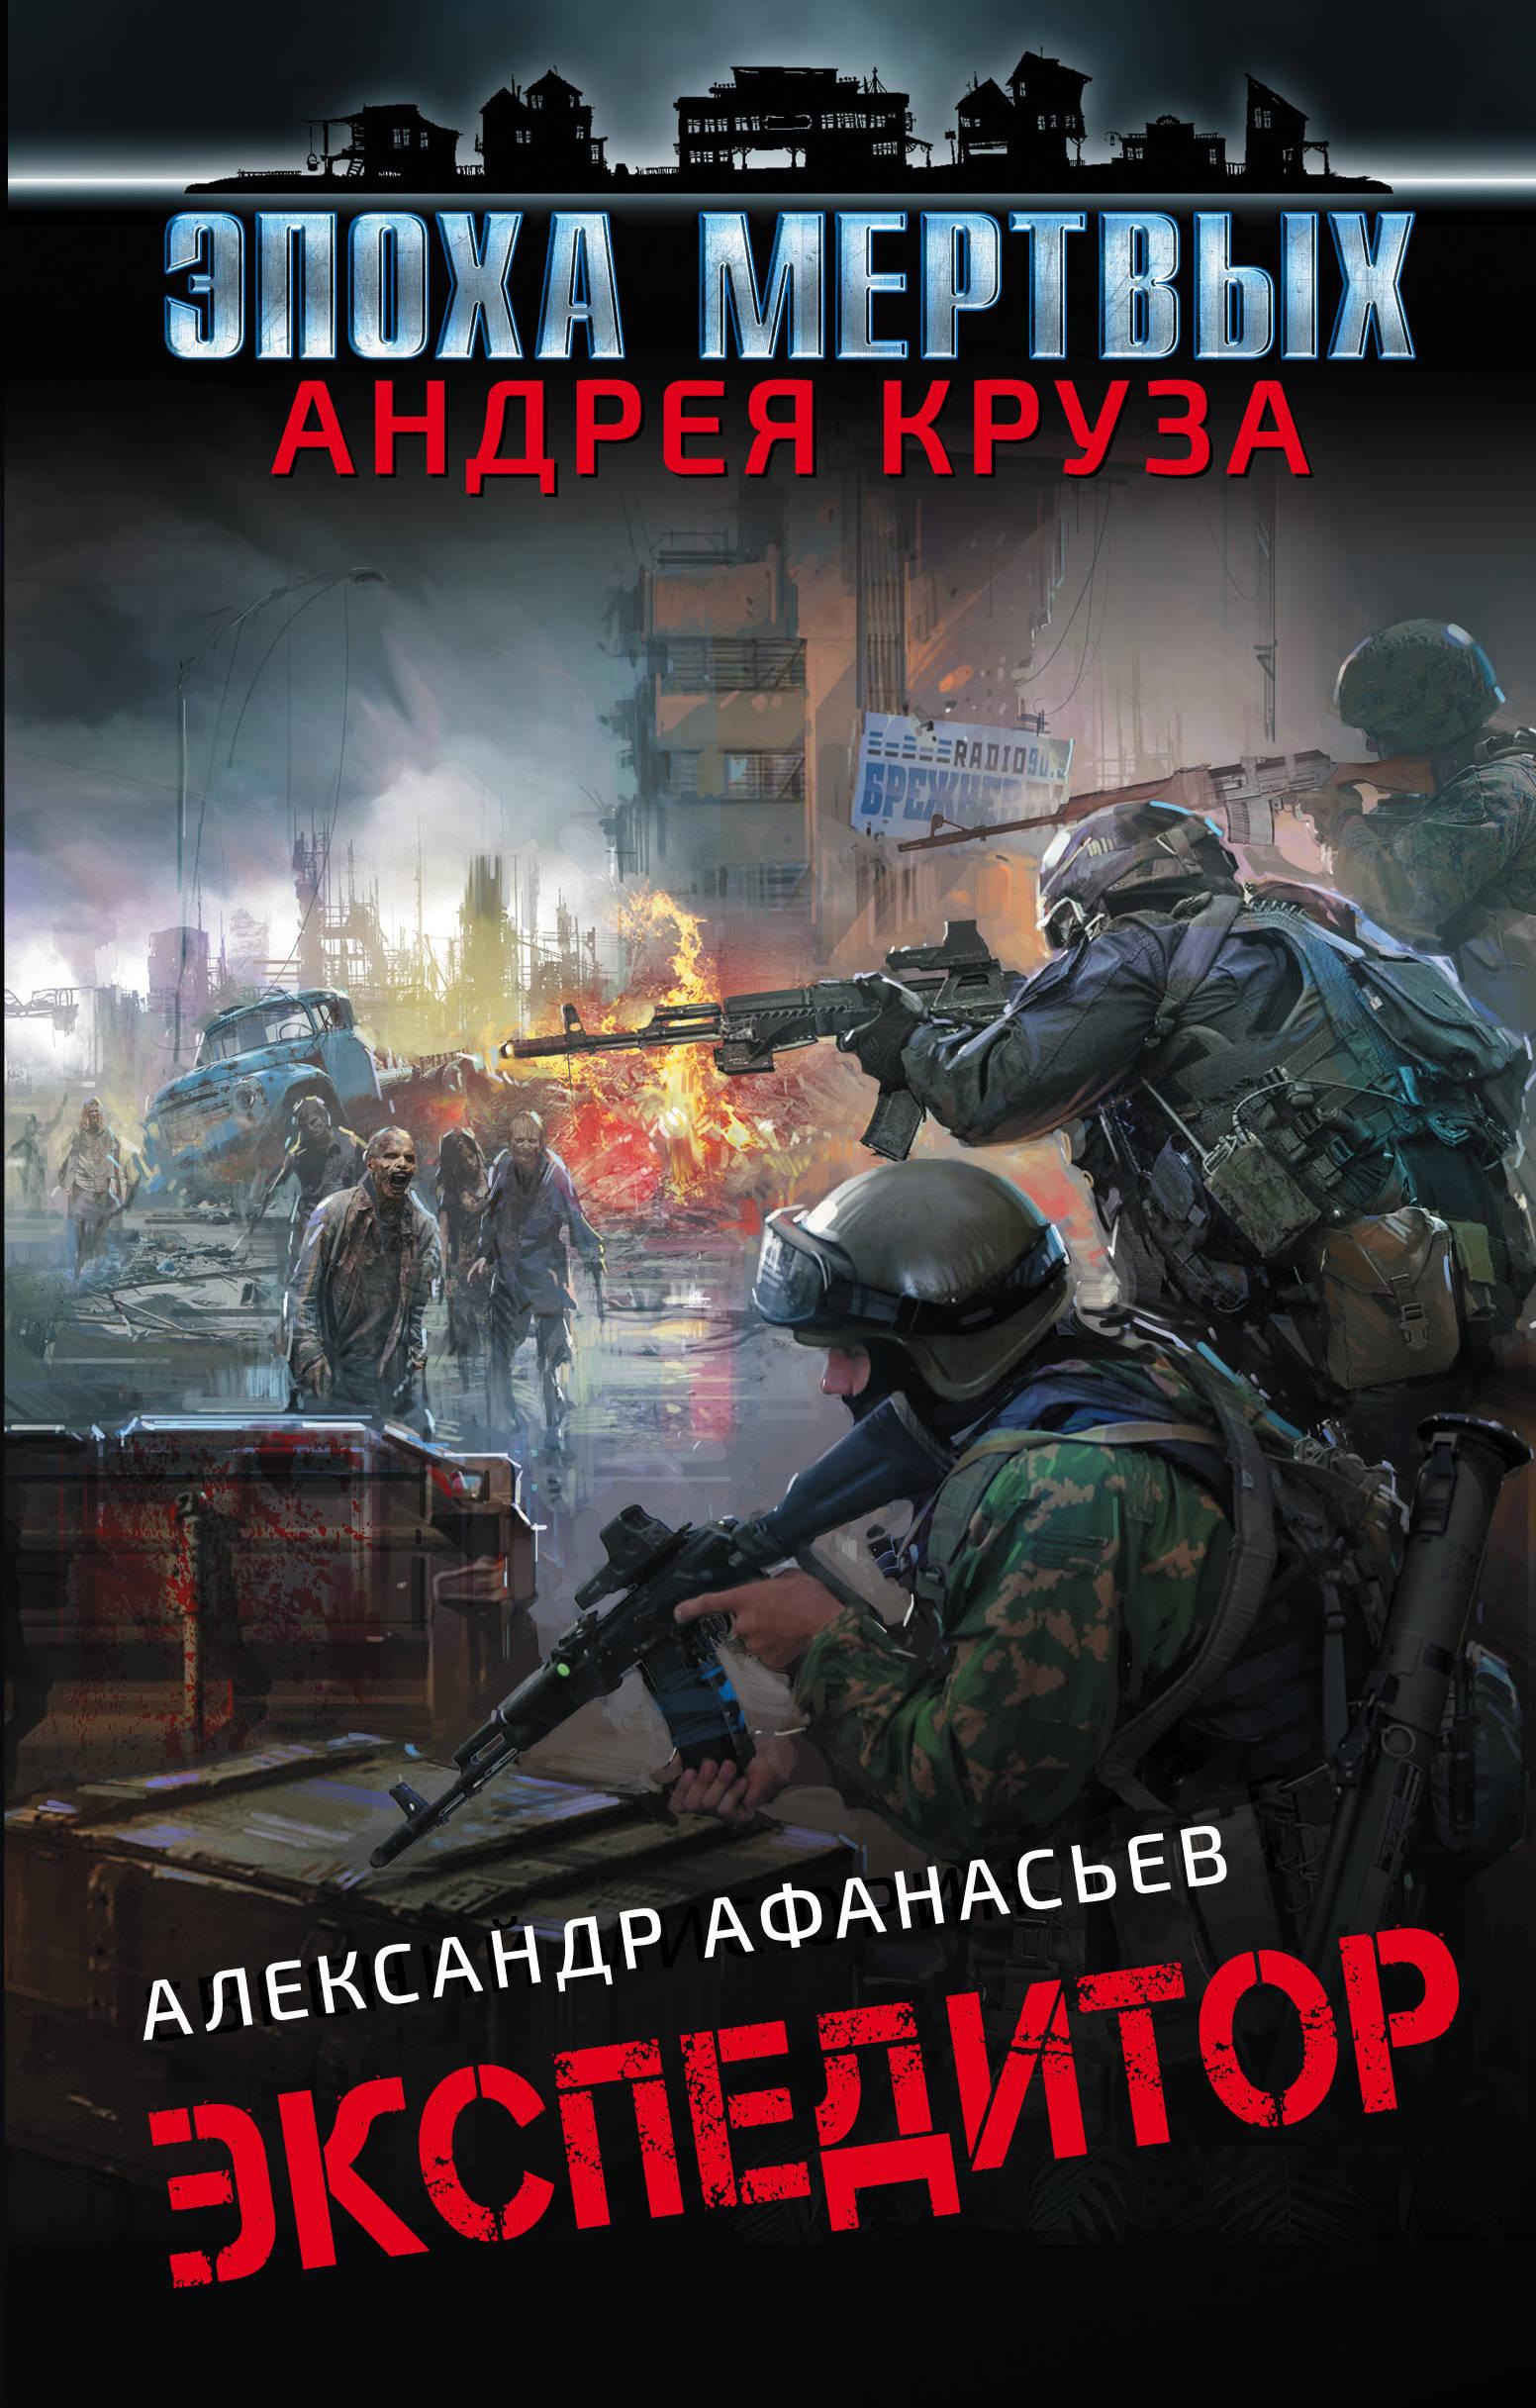 Александр Афанасье Экспедитор